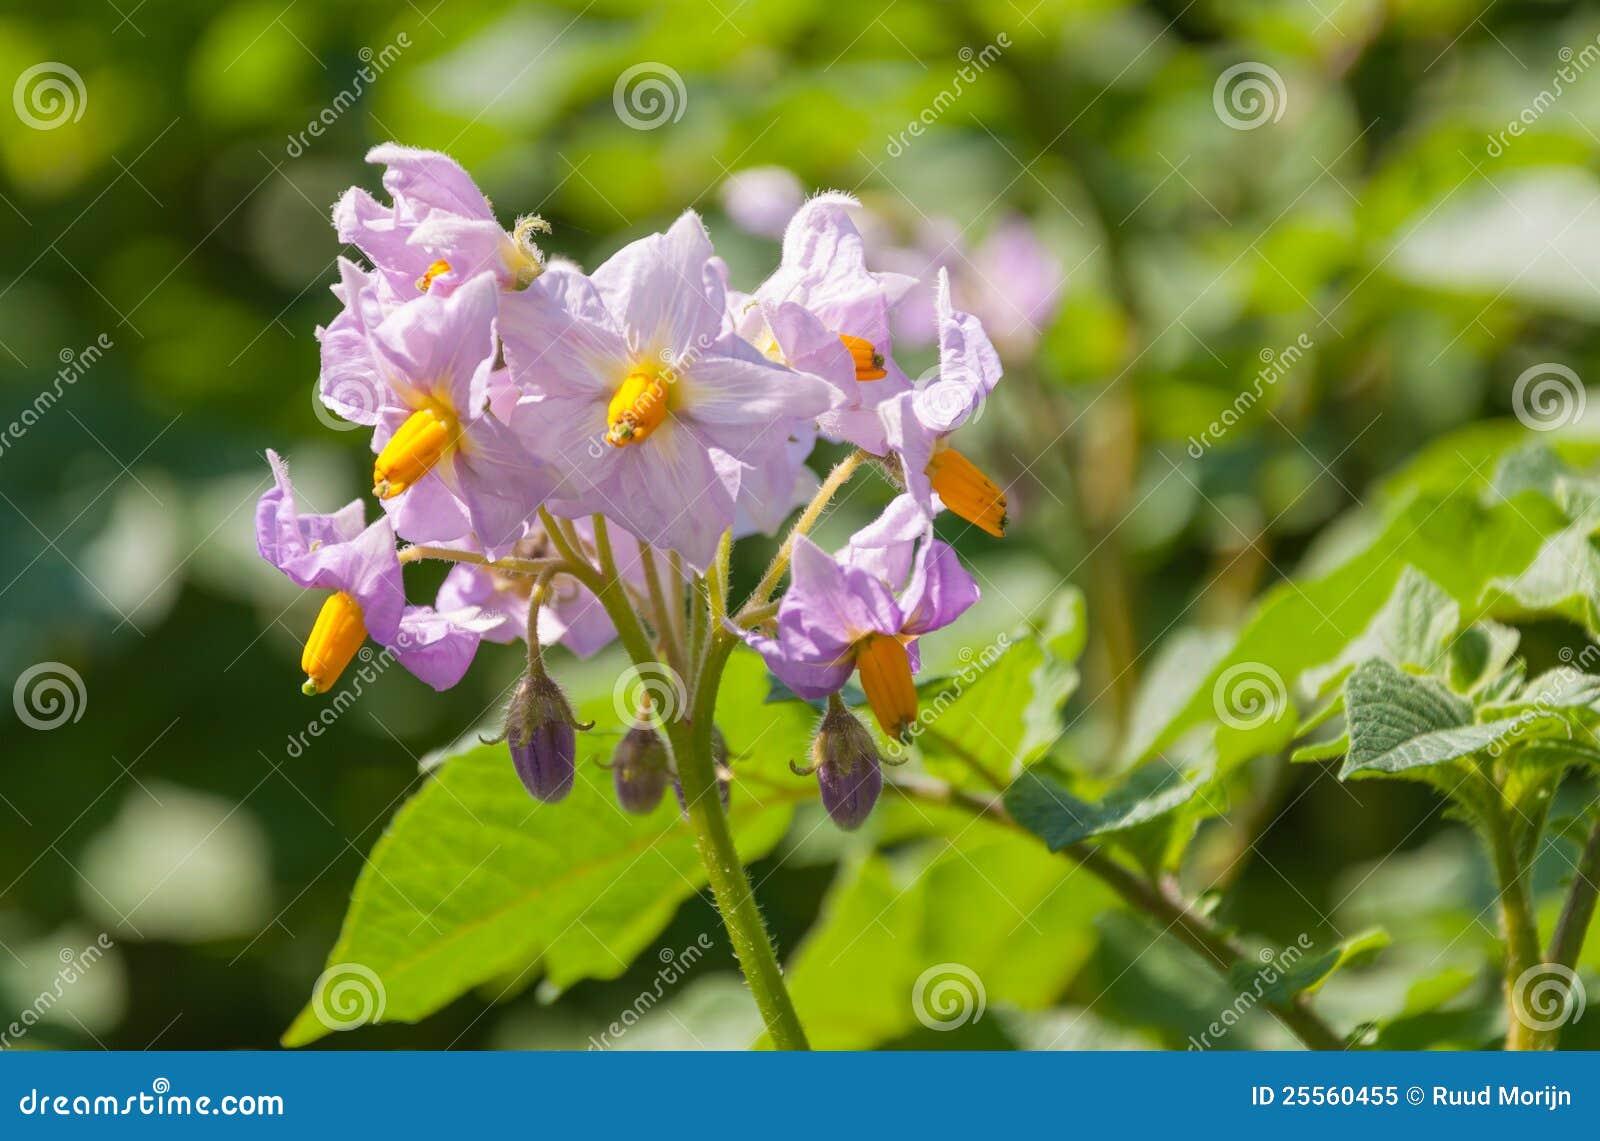 Fiori colorati viola in una pianta di patate fotografia for Pianta fiori viola